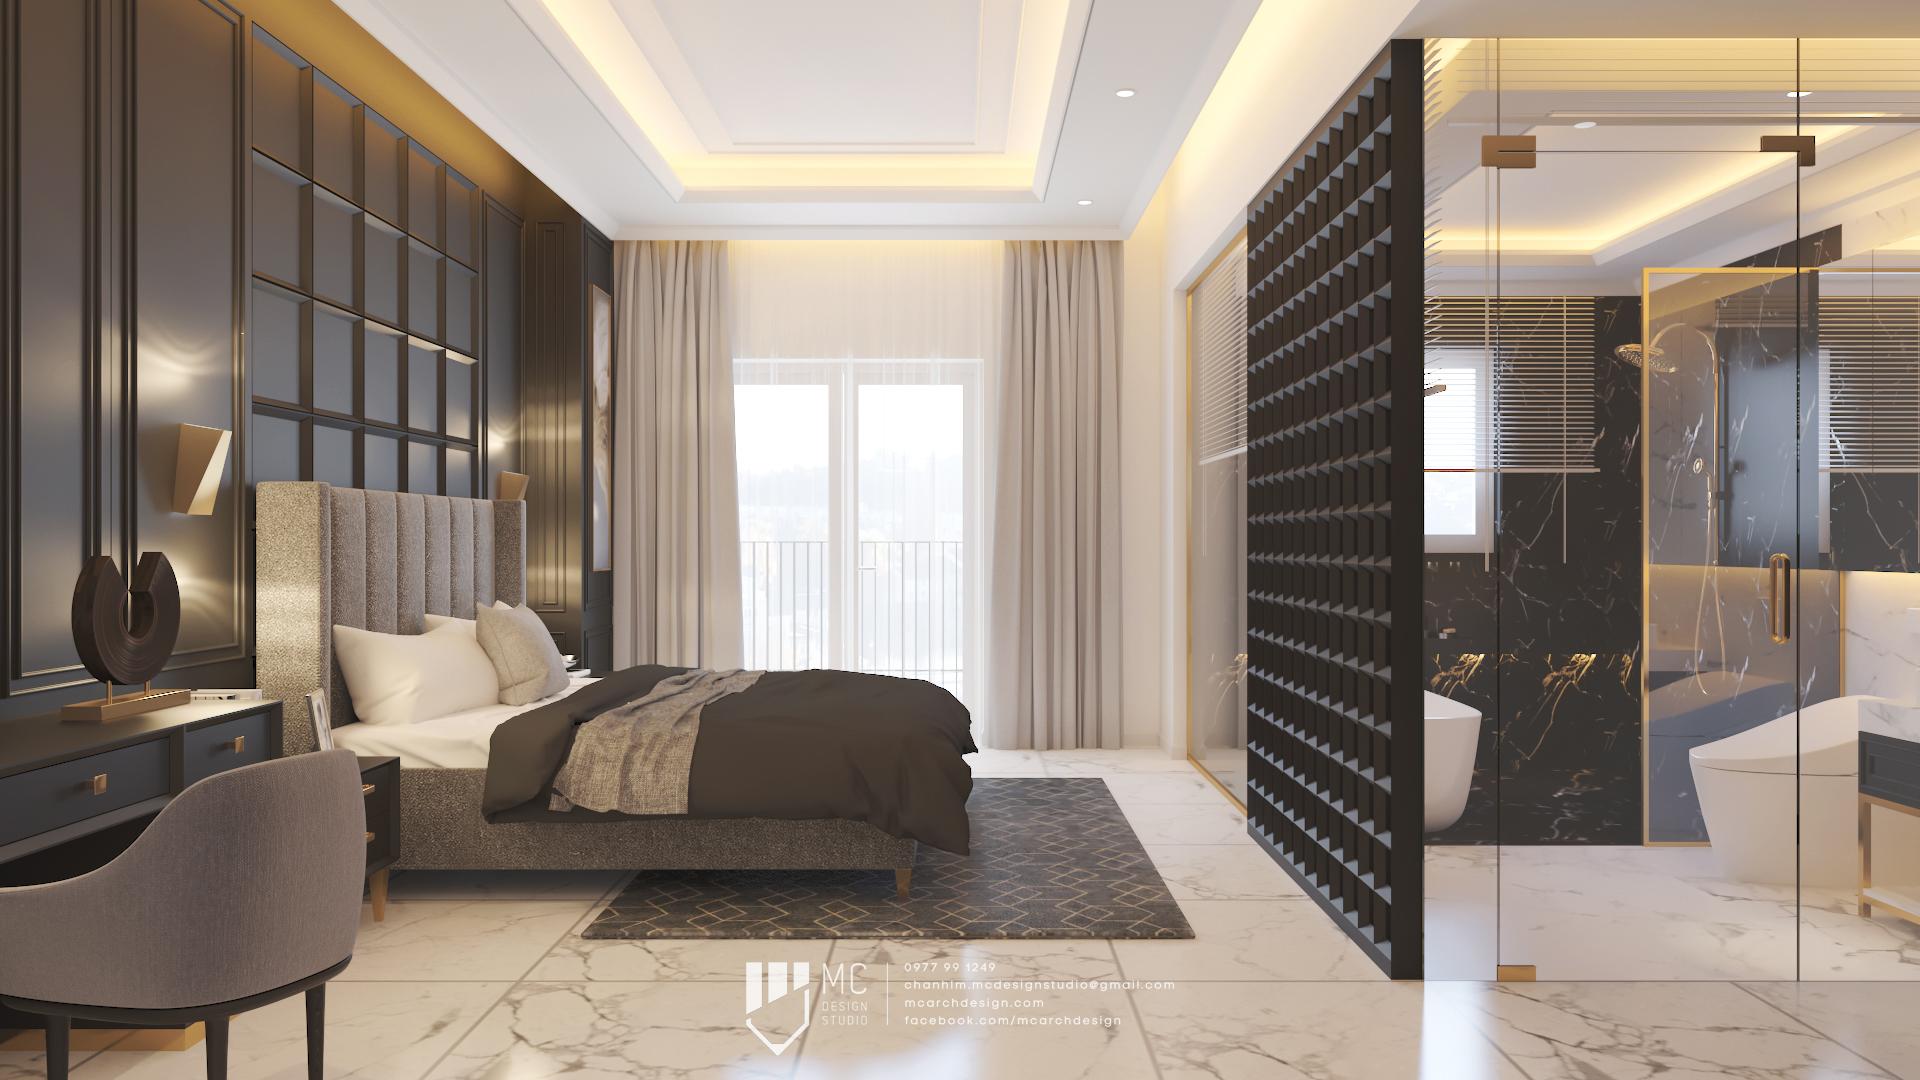 Thiết kế nội thất Nhà Mặt Phố tại Hồ Chí Minh Rosita Q9 1590741785 1